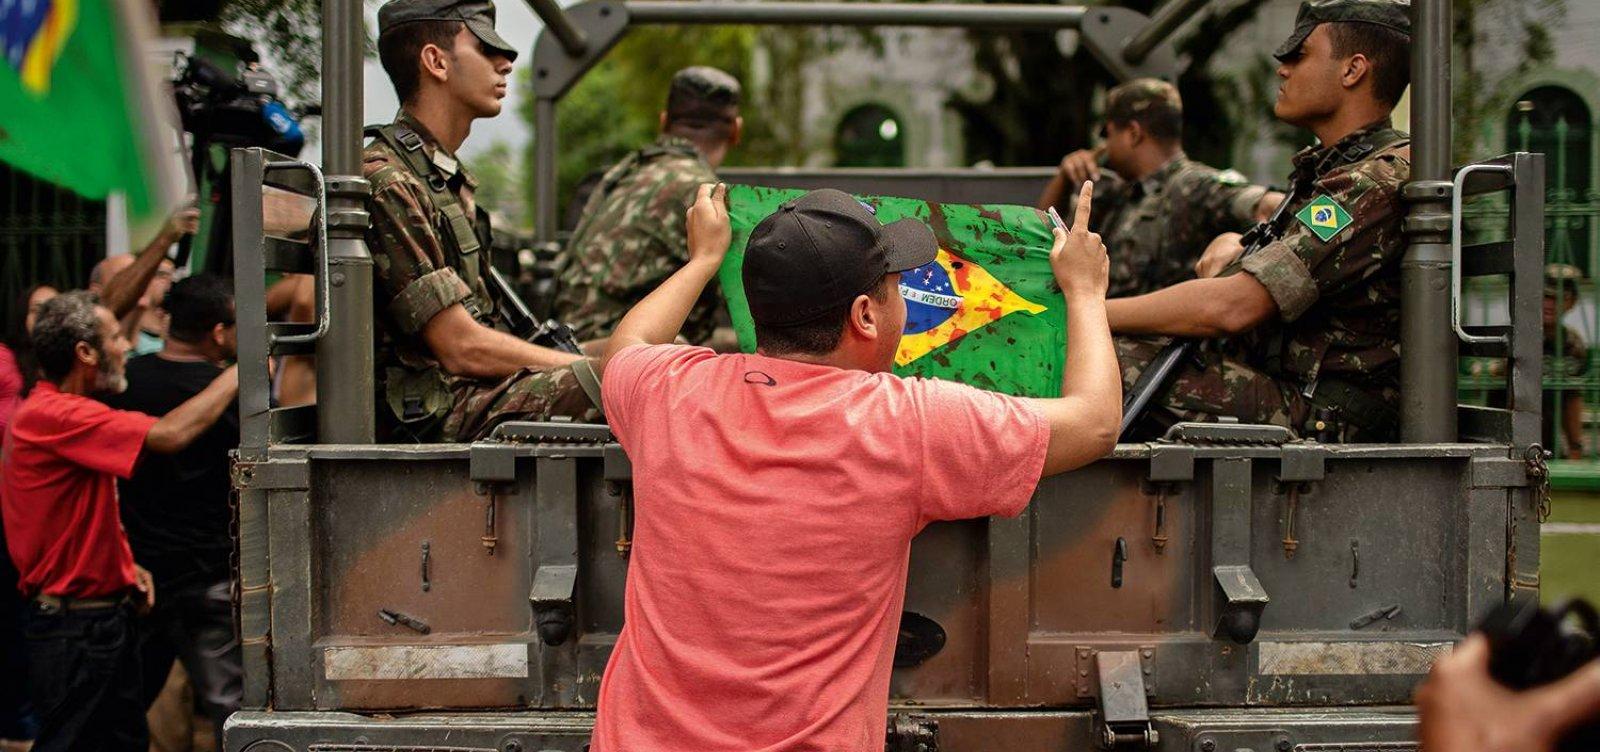 Advogado de militares que mataram músico será condecorado pelo governo Bolsonaro